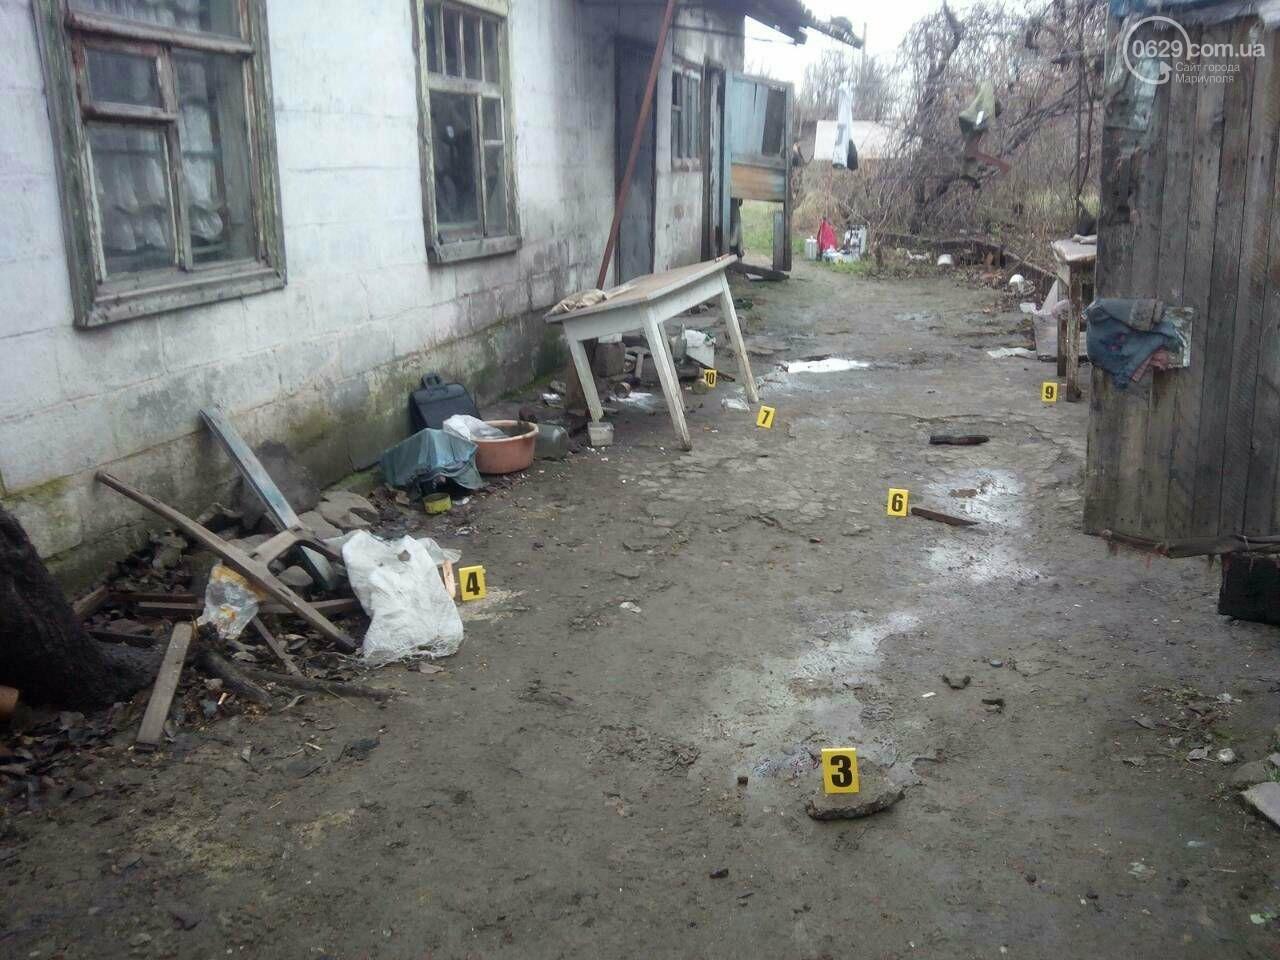 В Мариуполе до смерти избили мужчину (ФОТО), фото-2